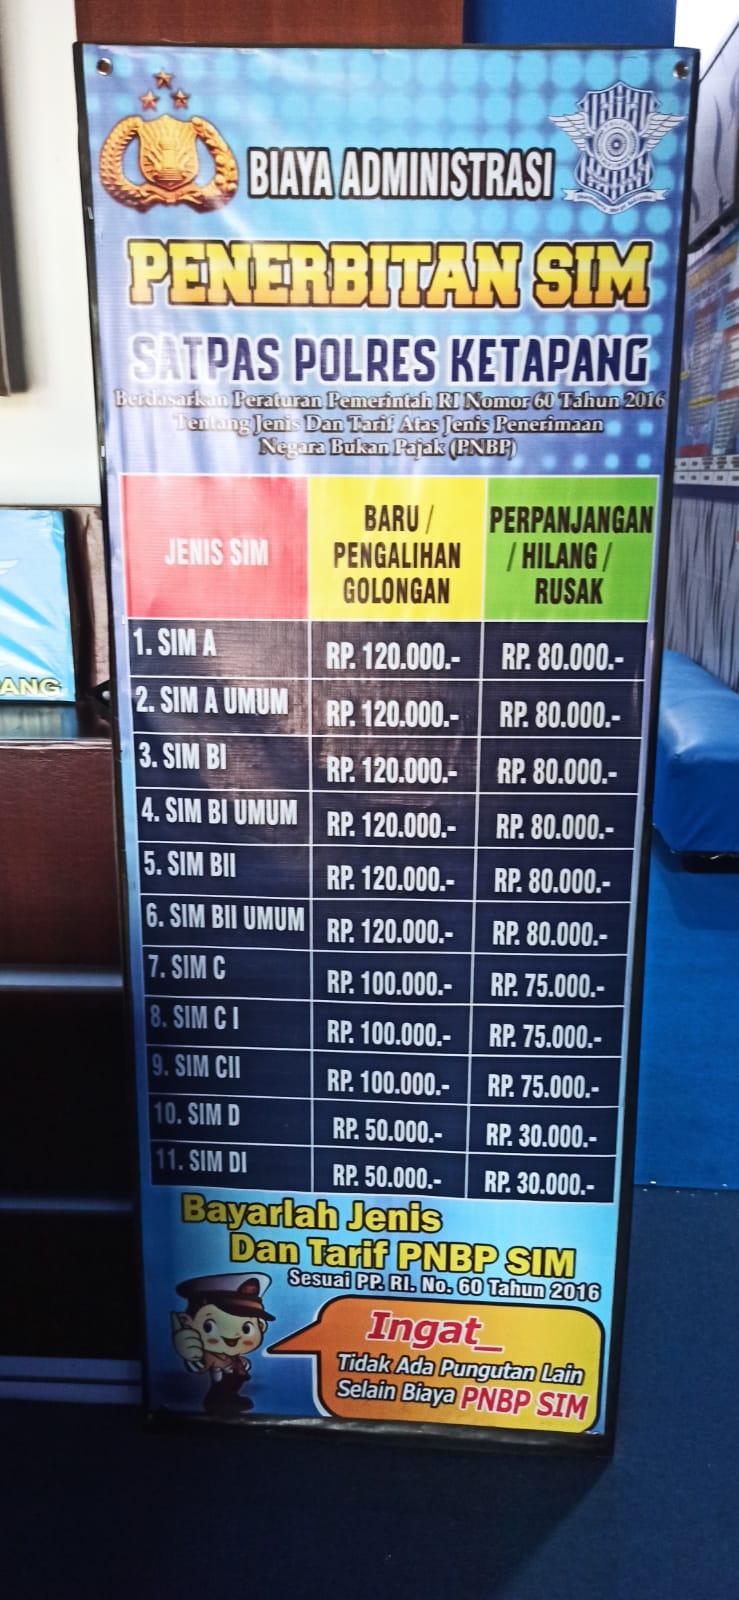 BERIKUT BIAYA PENERBITAN SIM SESUAI DENGAN PP RI NO 60 TAHUN 2016